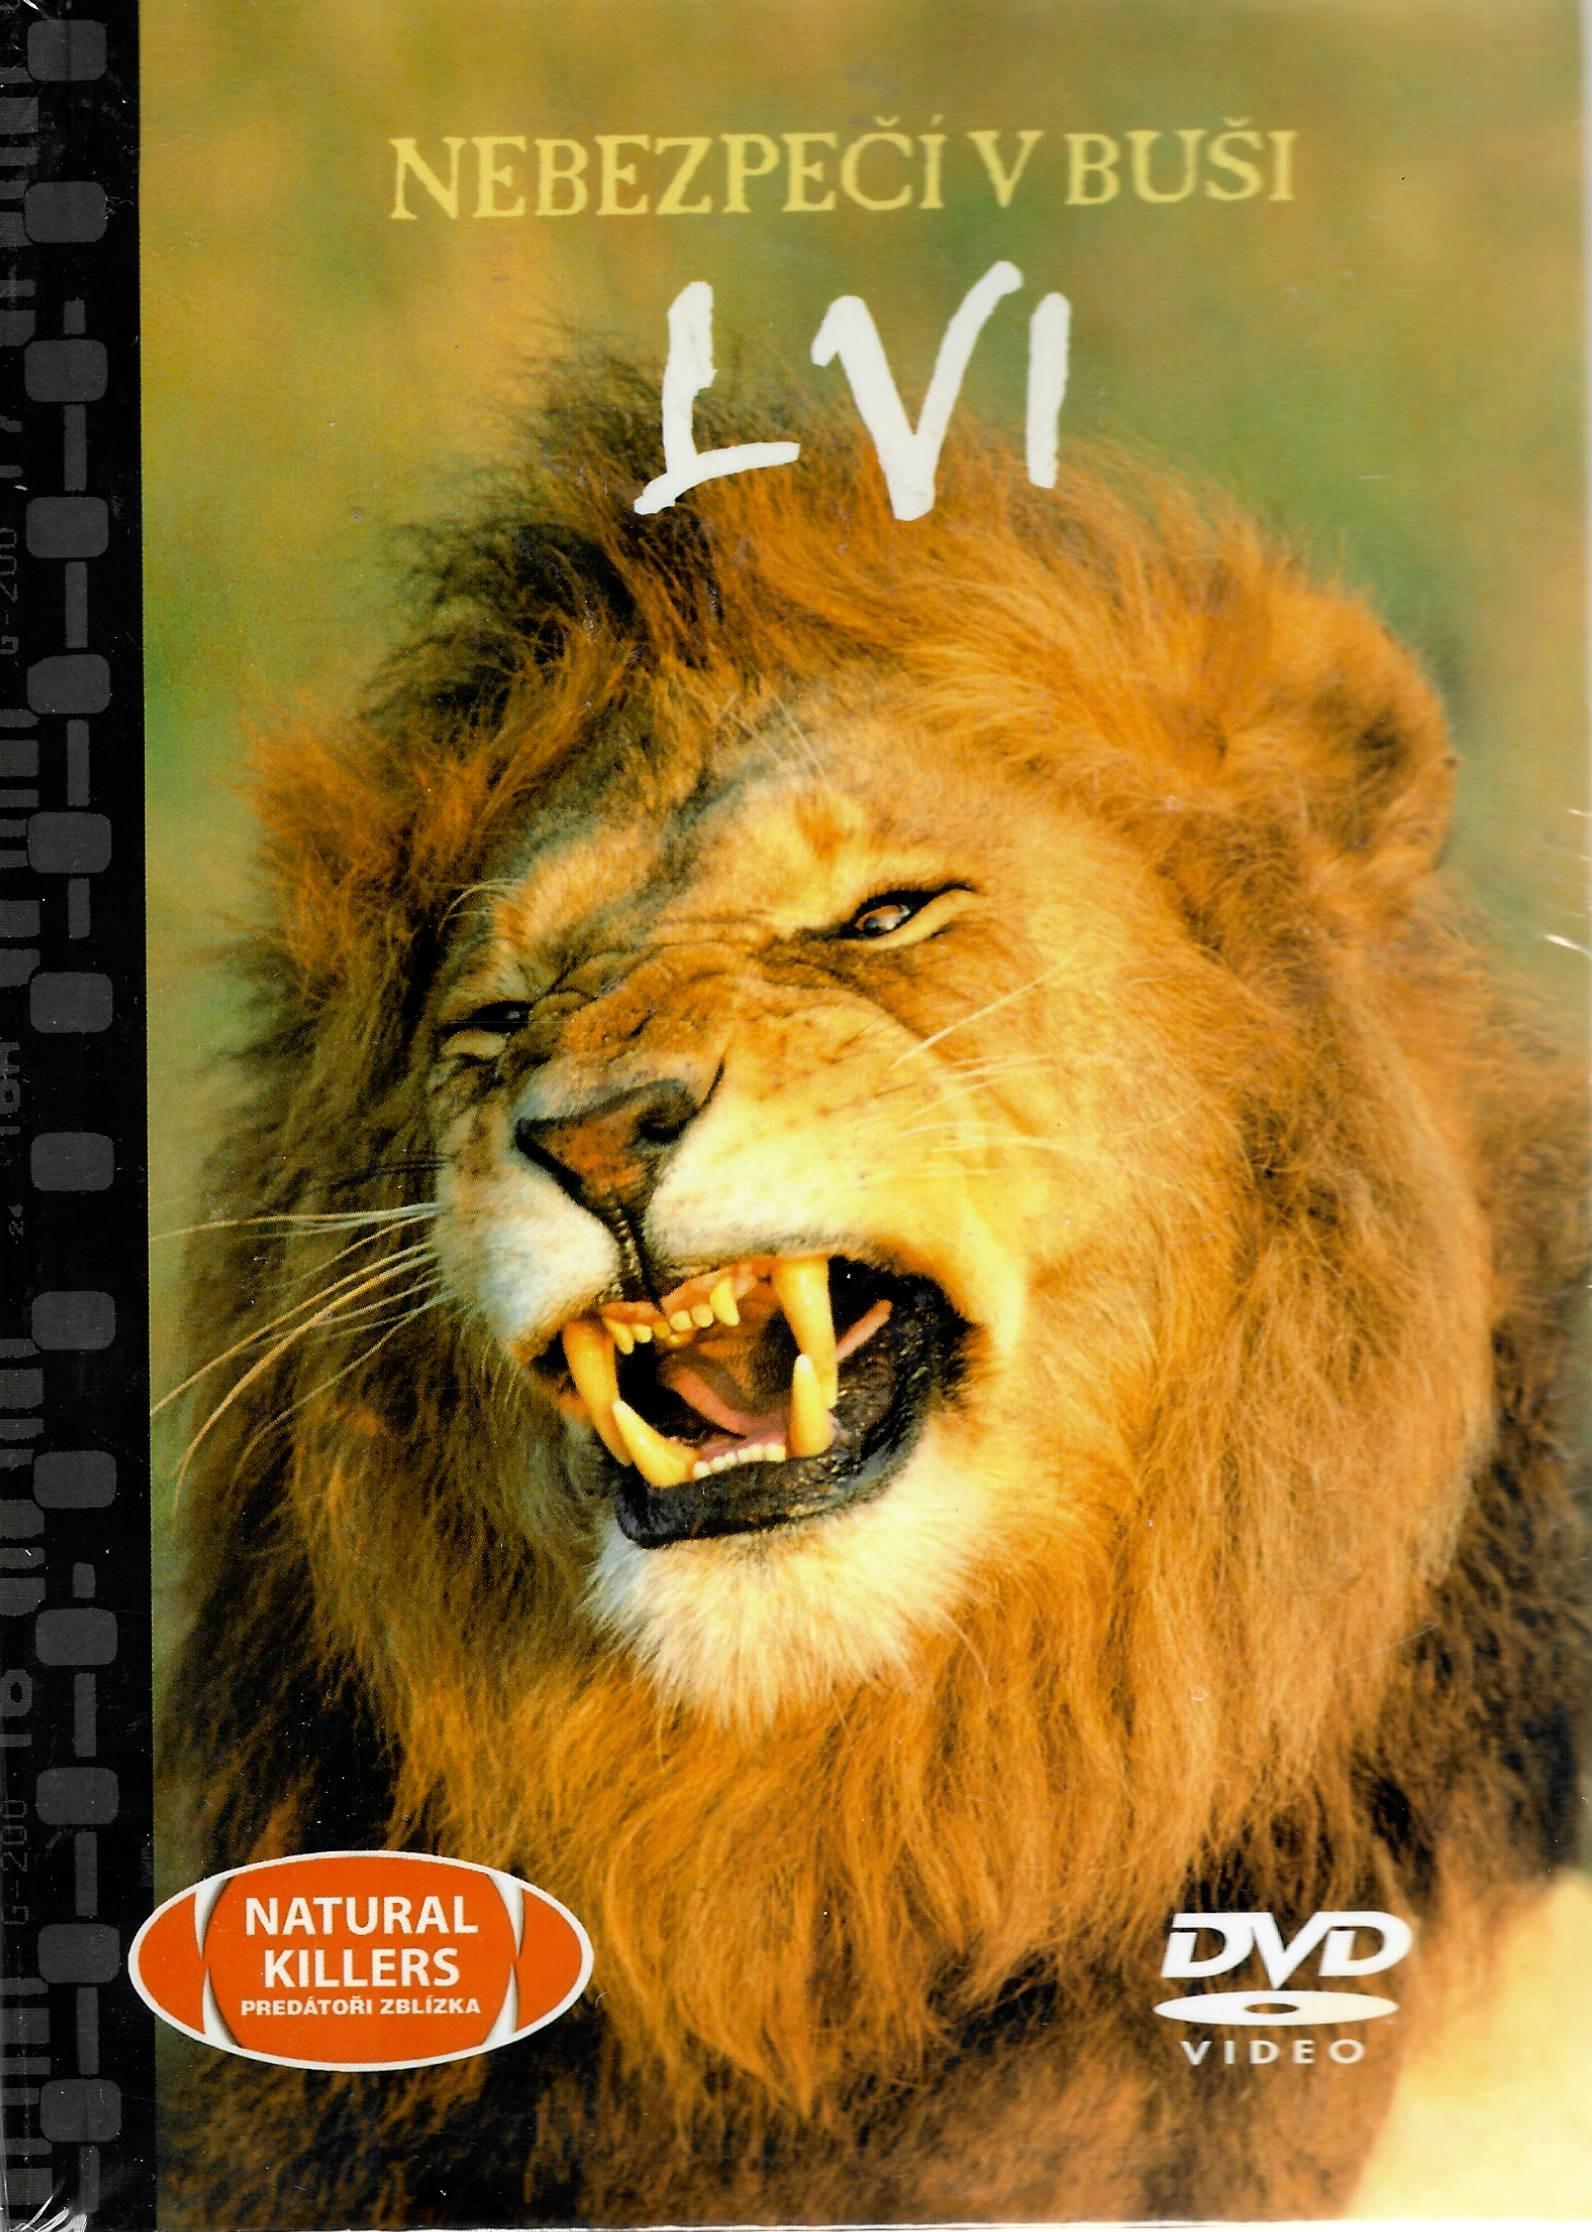 Nebezpečí v buši - Lvi - DVD + brožura